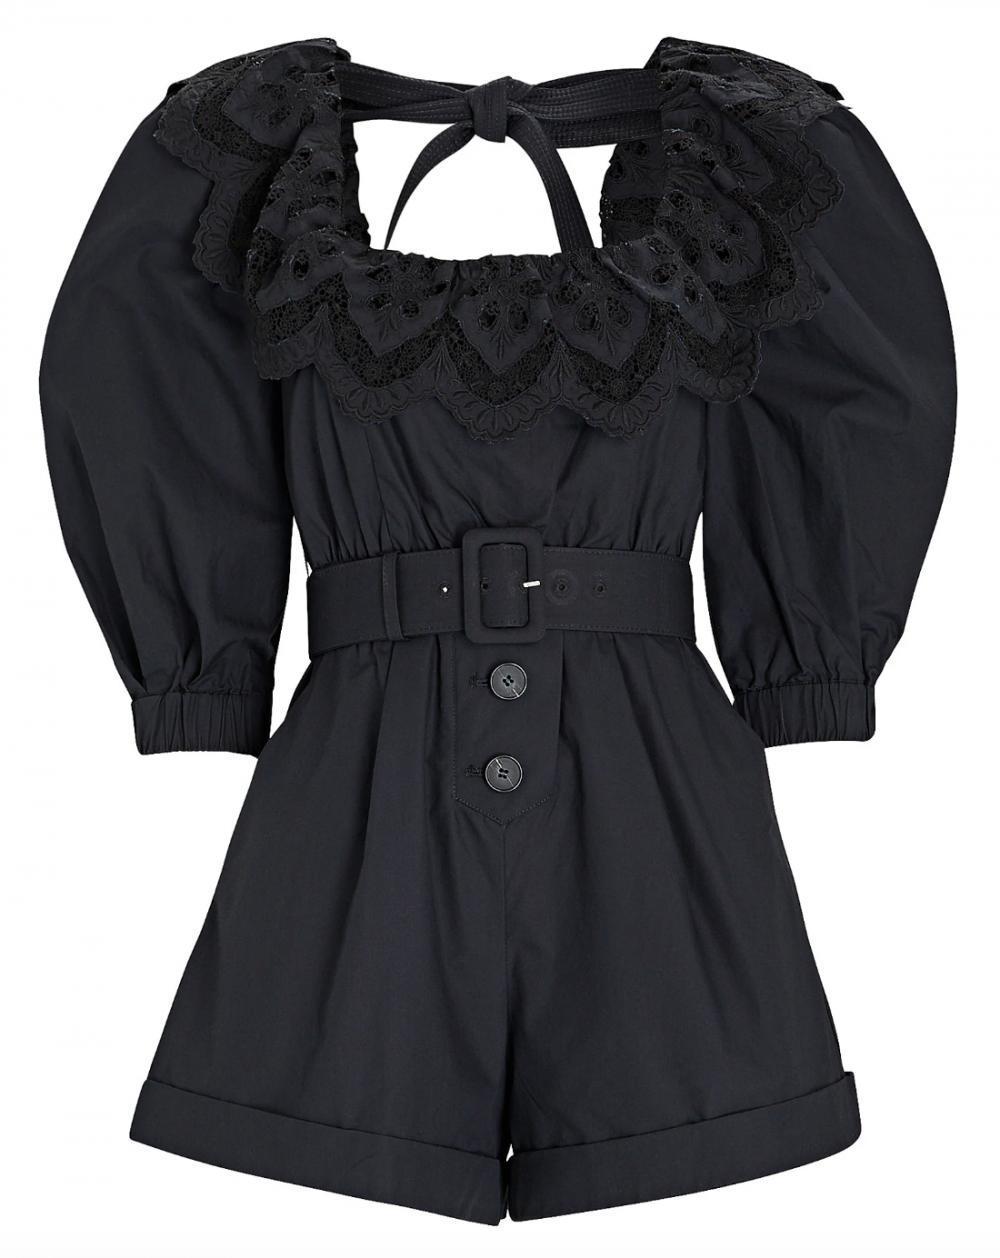 'Bóc' giá trang phục của các cô gái BLACKPINK trong bộ ảnh 'Nhật kí mùa hè 2020 tại Seoul' Ảnh 15